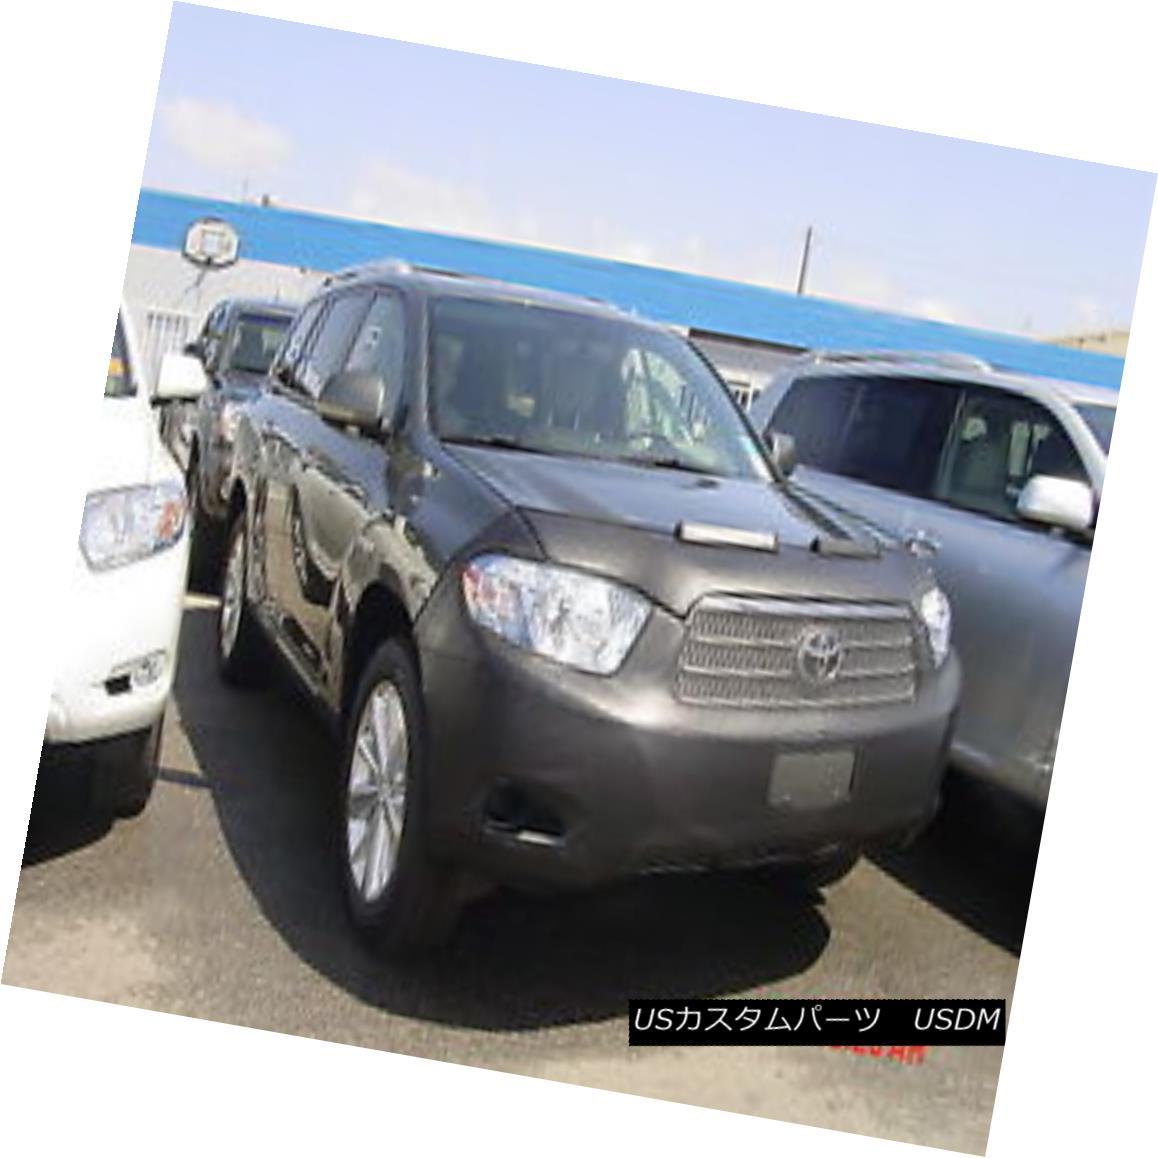 フルブラ ノーズブラ Colgan Front End Mask Bra 2pc. Fits Toyota Highlander 2008-2010 W/O LicensePlate コルガンフロントエンドマスクブラ2pc Toyota Highlander 2008-2010 W / Oライセンスプレートに適合